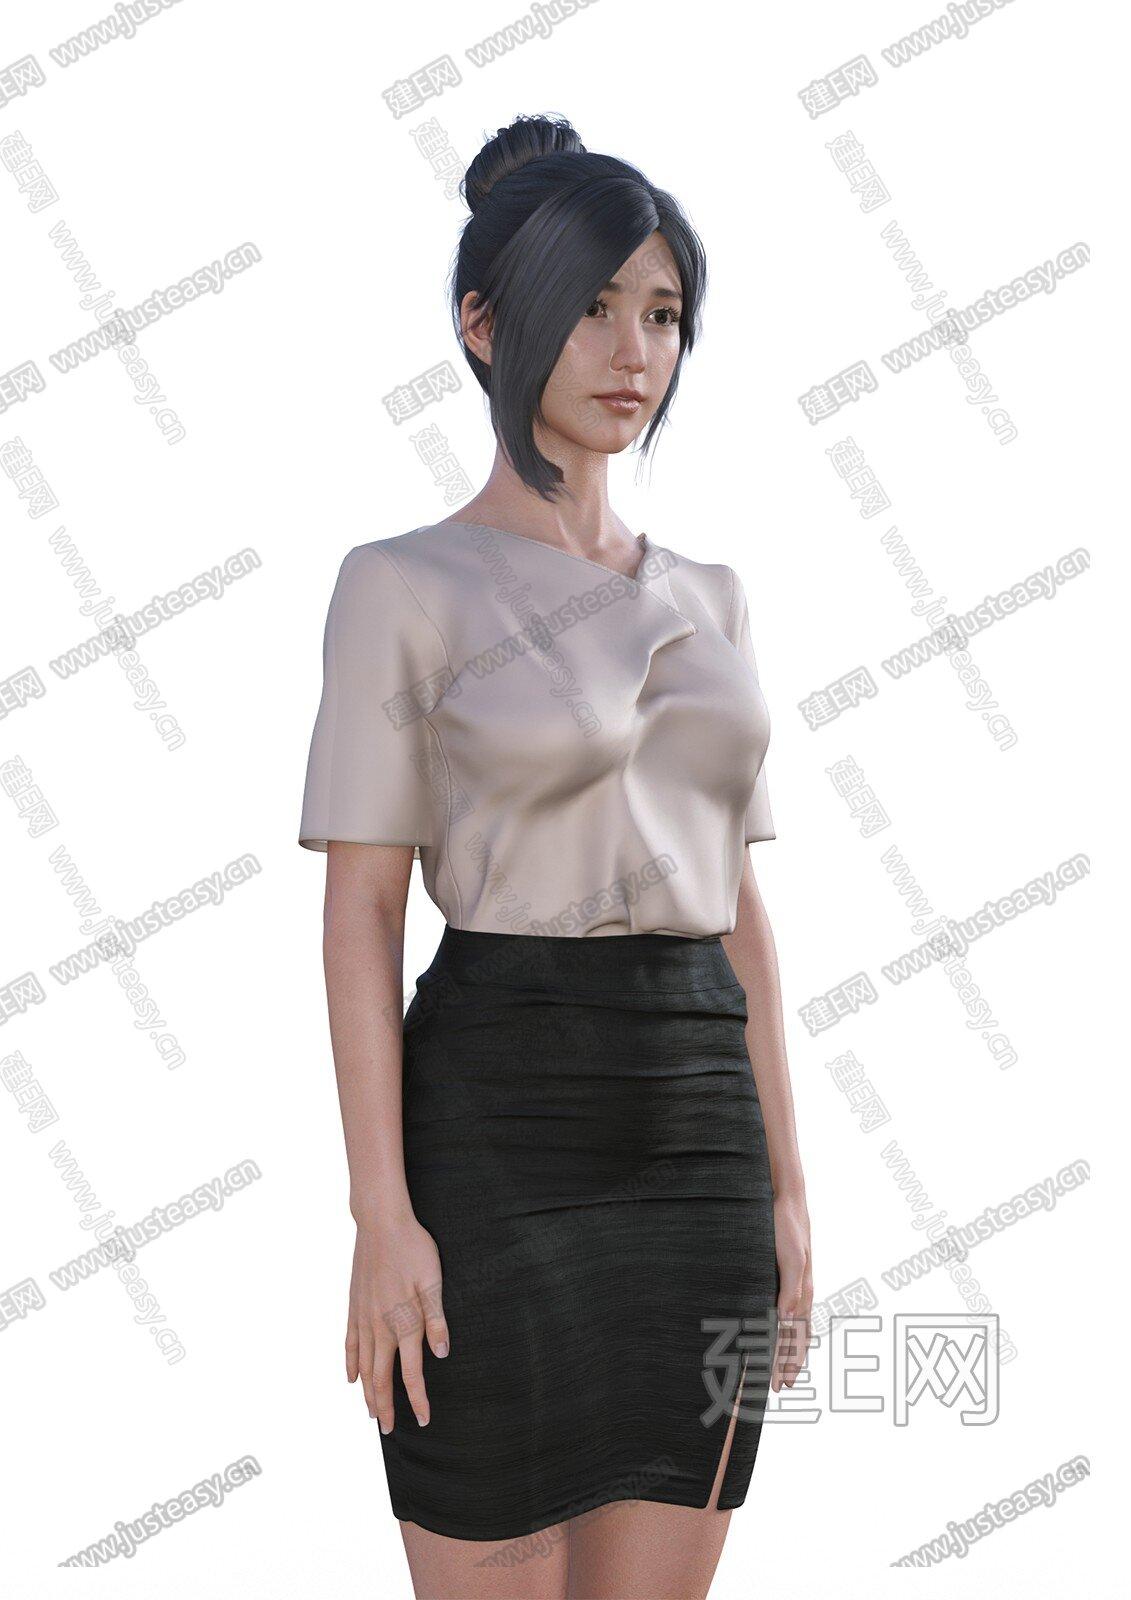 现代女人白领模特3d模型